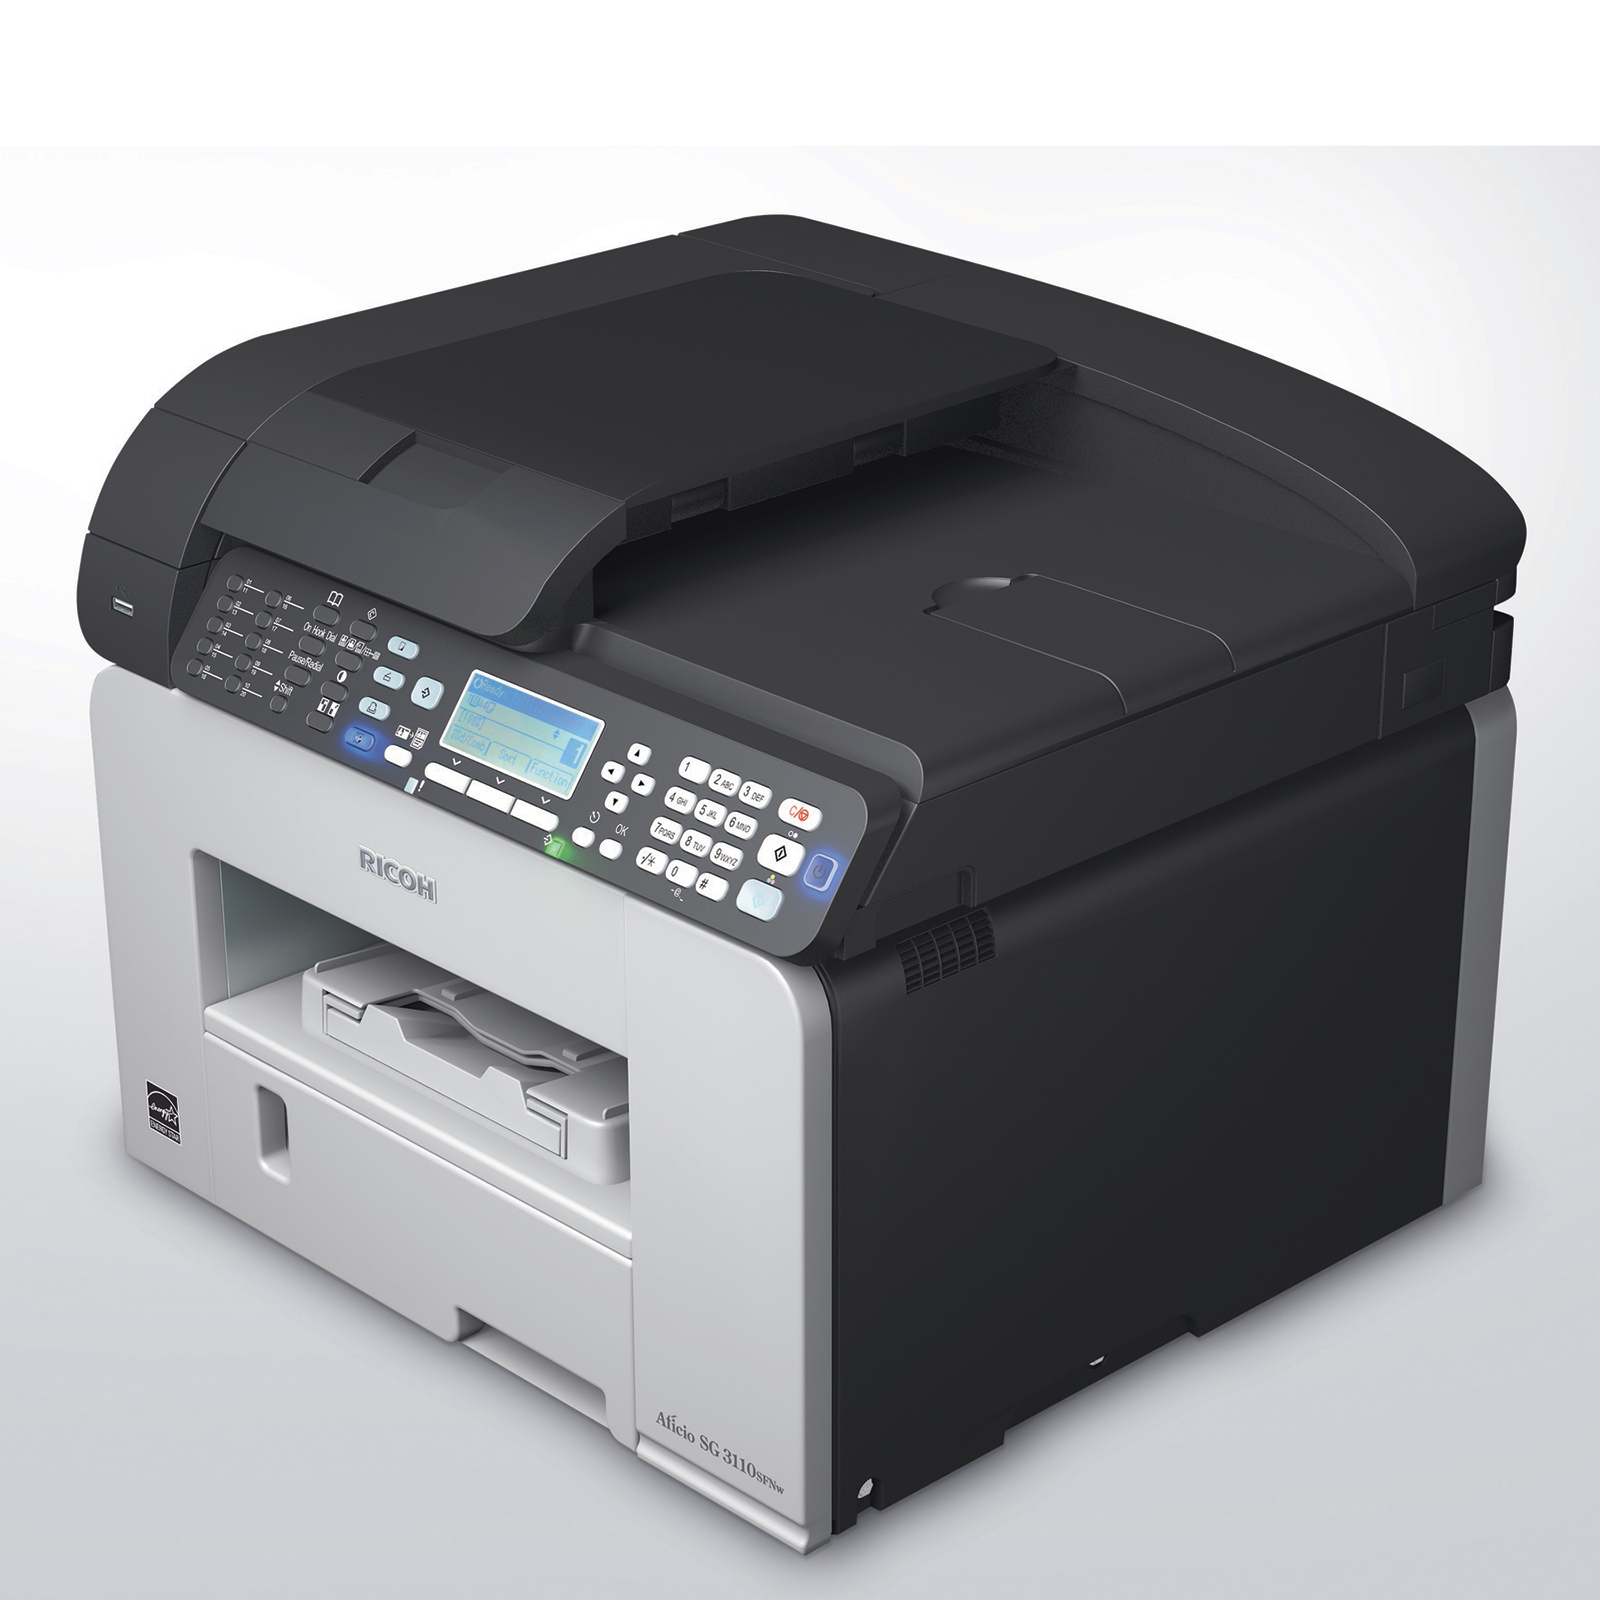 Ricoh Aficio Sg 3110sfnw Imprimante Multifonction Ricoh Sur Ldlc Com